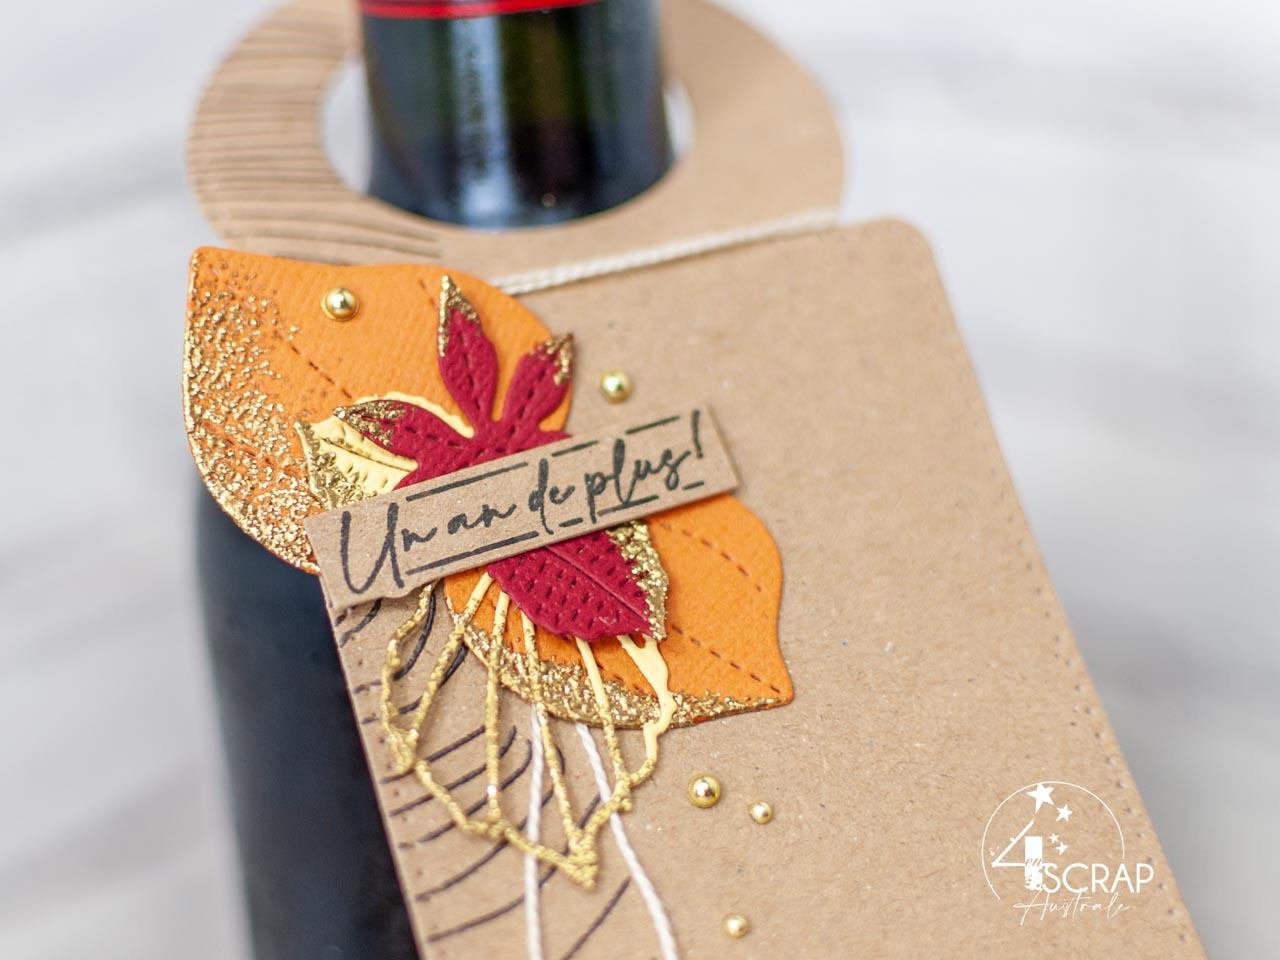 Création d'une étiquette pour offrir une bonne bouteille de vin. Sur le thème de l'automne avec fond bois embossé, feuillages et étiquette.